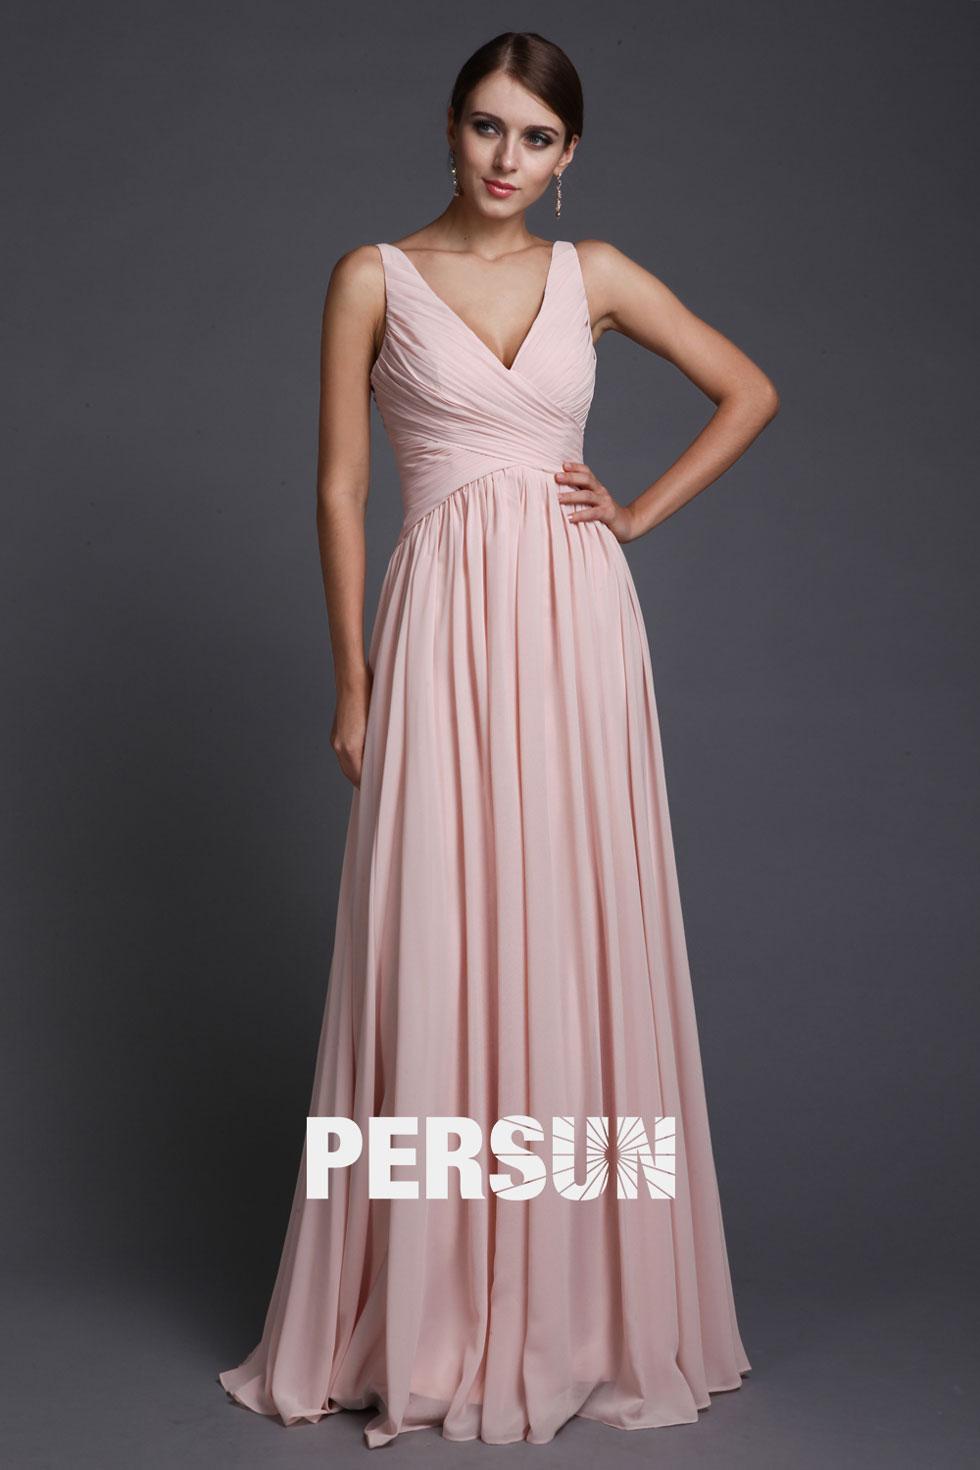 b0237e0f29b1a Robe Empire rose pour soirée longue simple en mousseline – Persun.fr